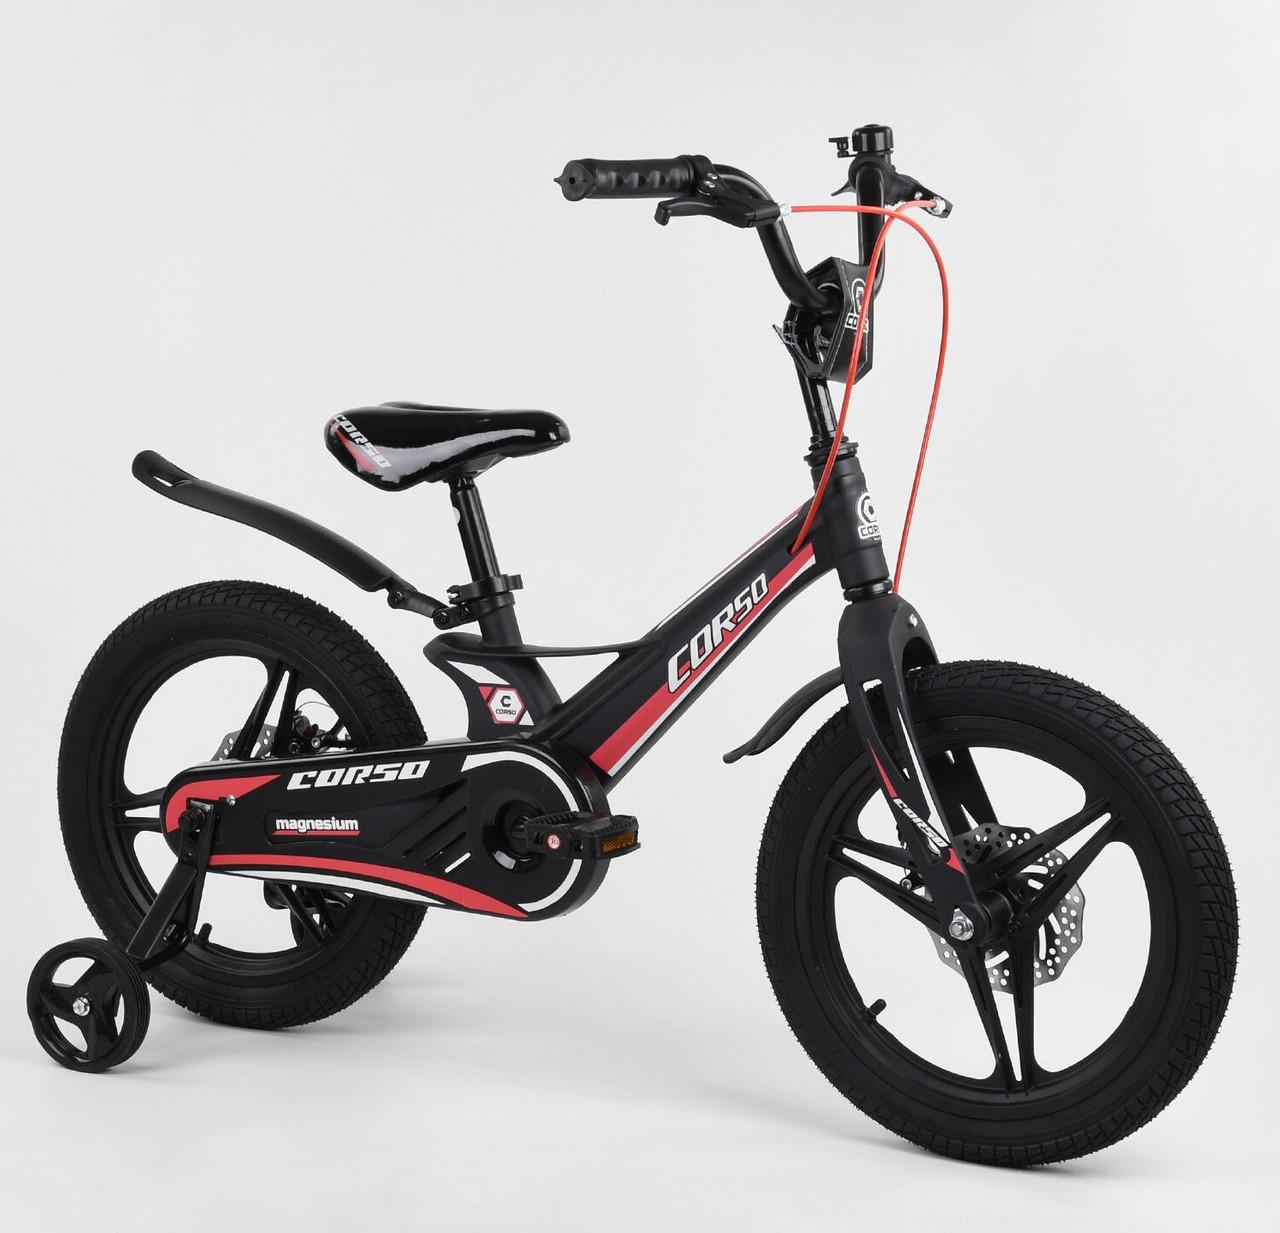 Дитячий спортивний двоколісний велосипед 20 дюймів CORSO «T-REX» 18765 магнієва рама, 7 швидкостей